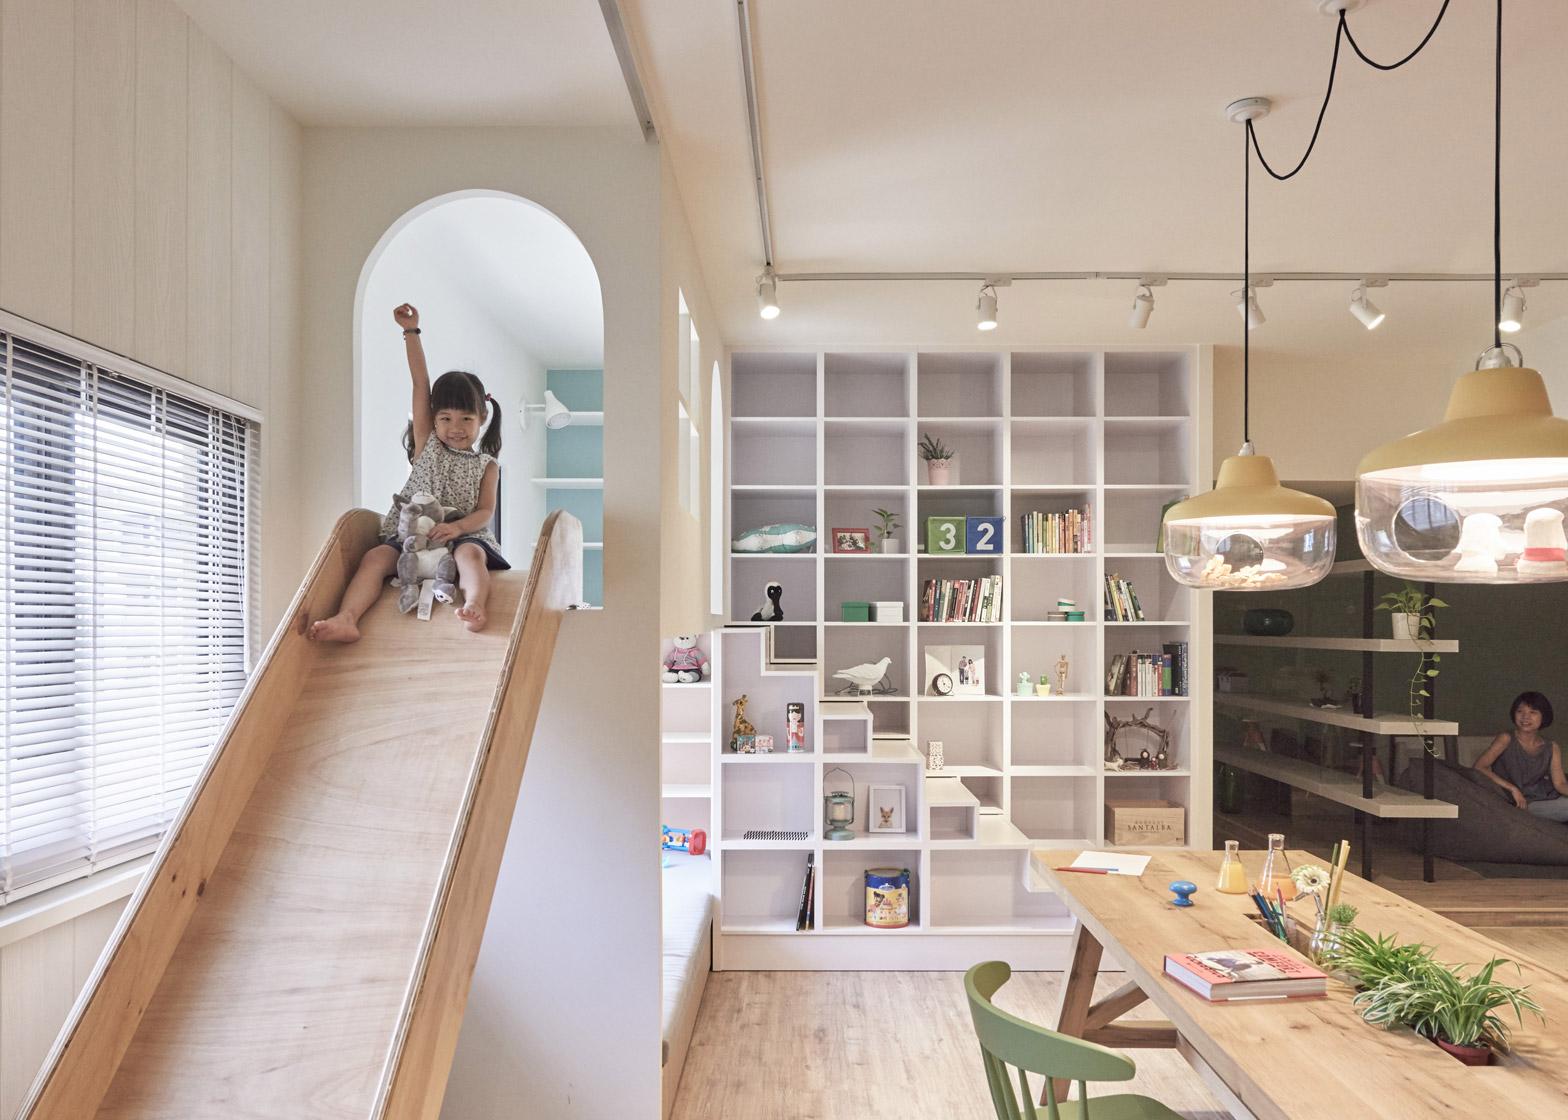 Casa con scivolo e giochi per bambini in taiwan by hao for Idee design casa